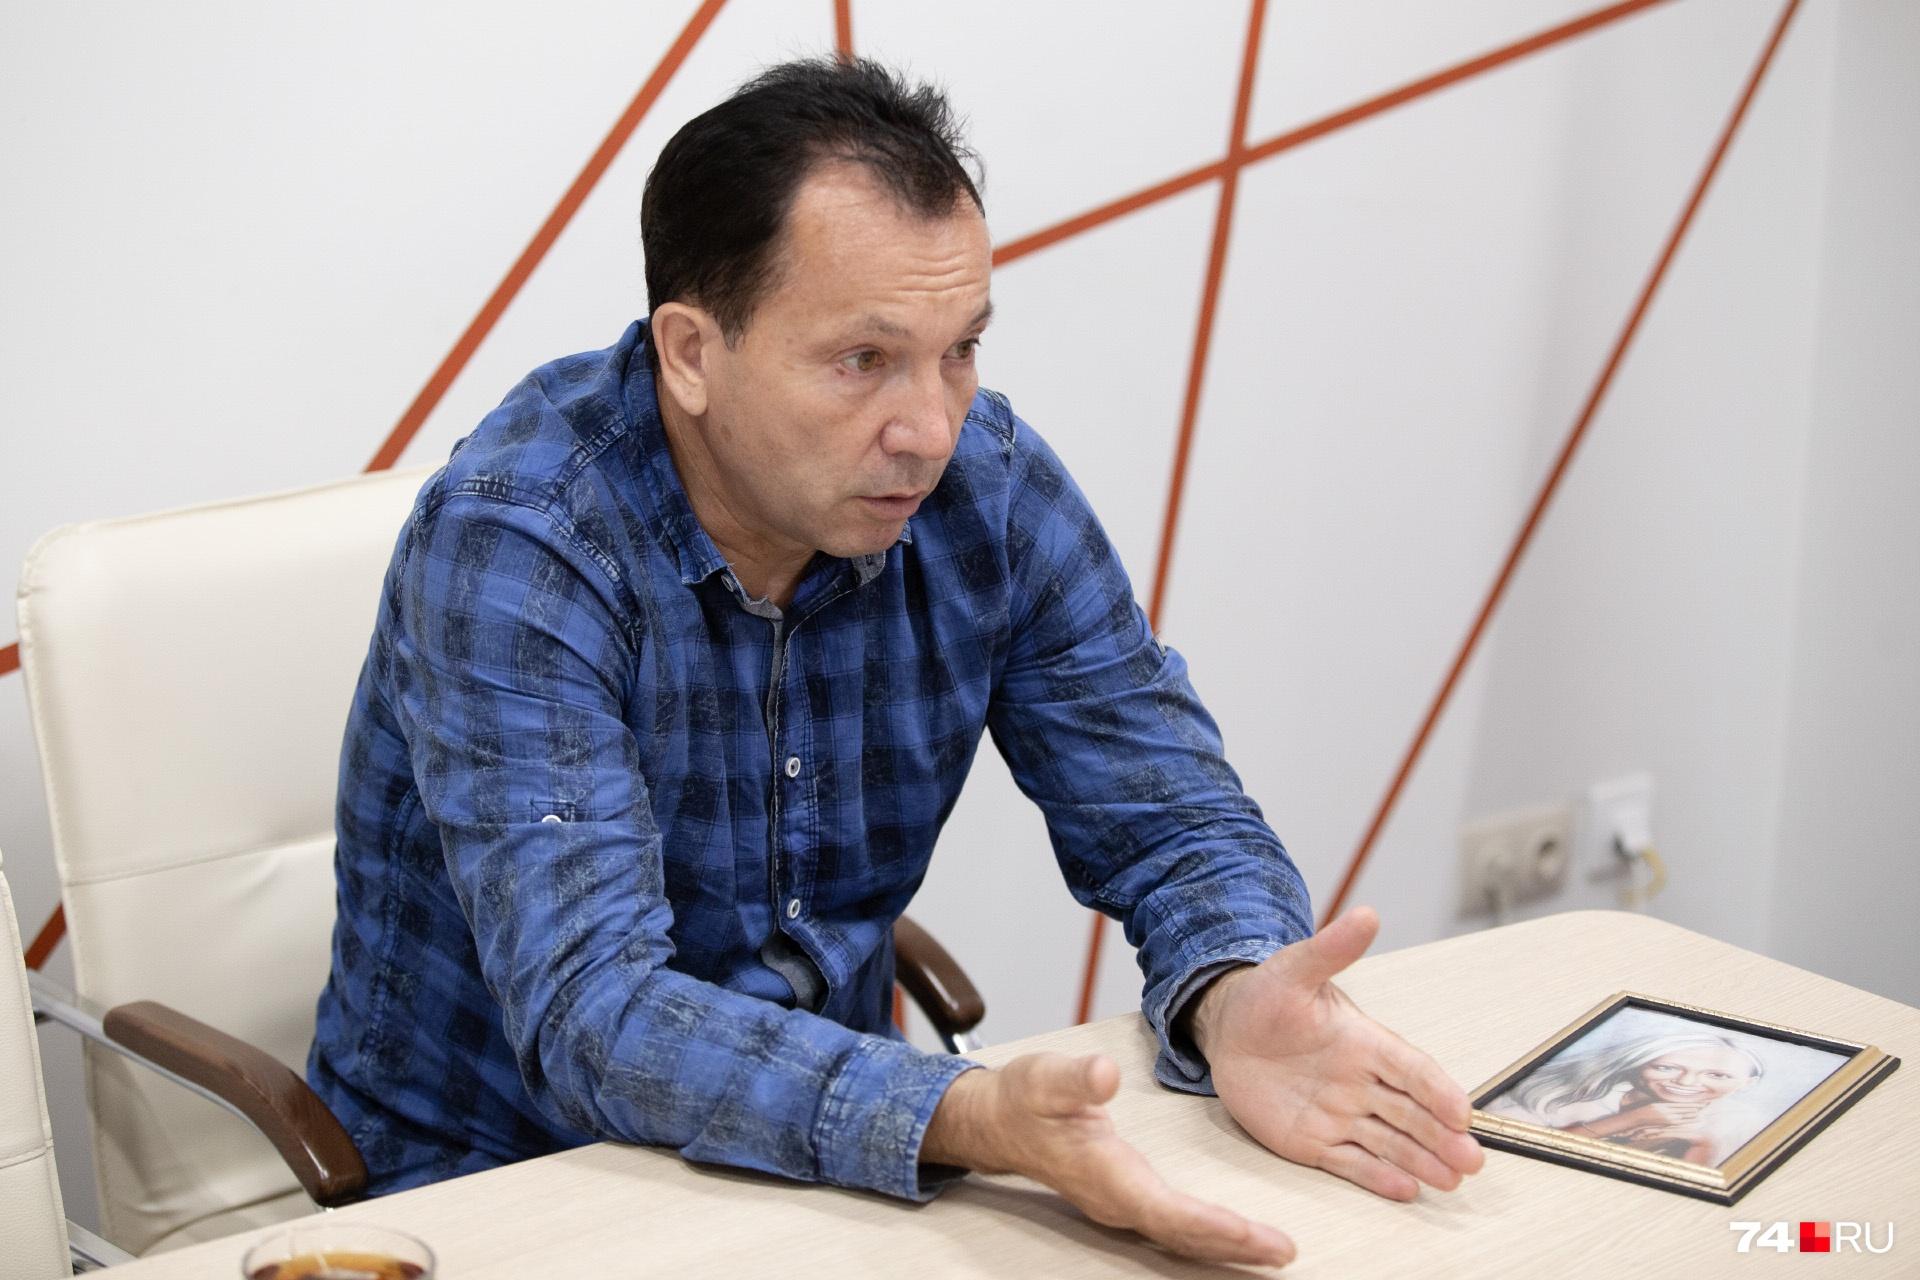 Расследование активизировалось после поездки Александра Трофимова в Следственный комитет России